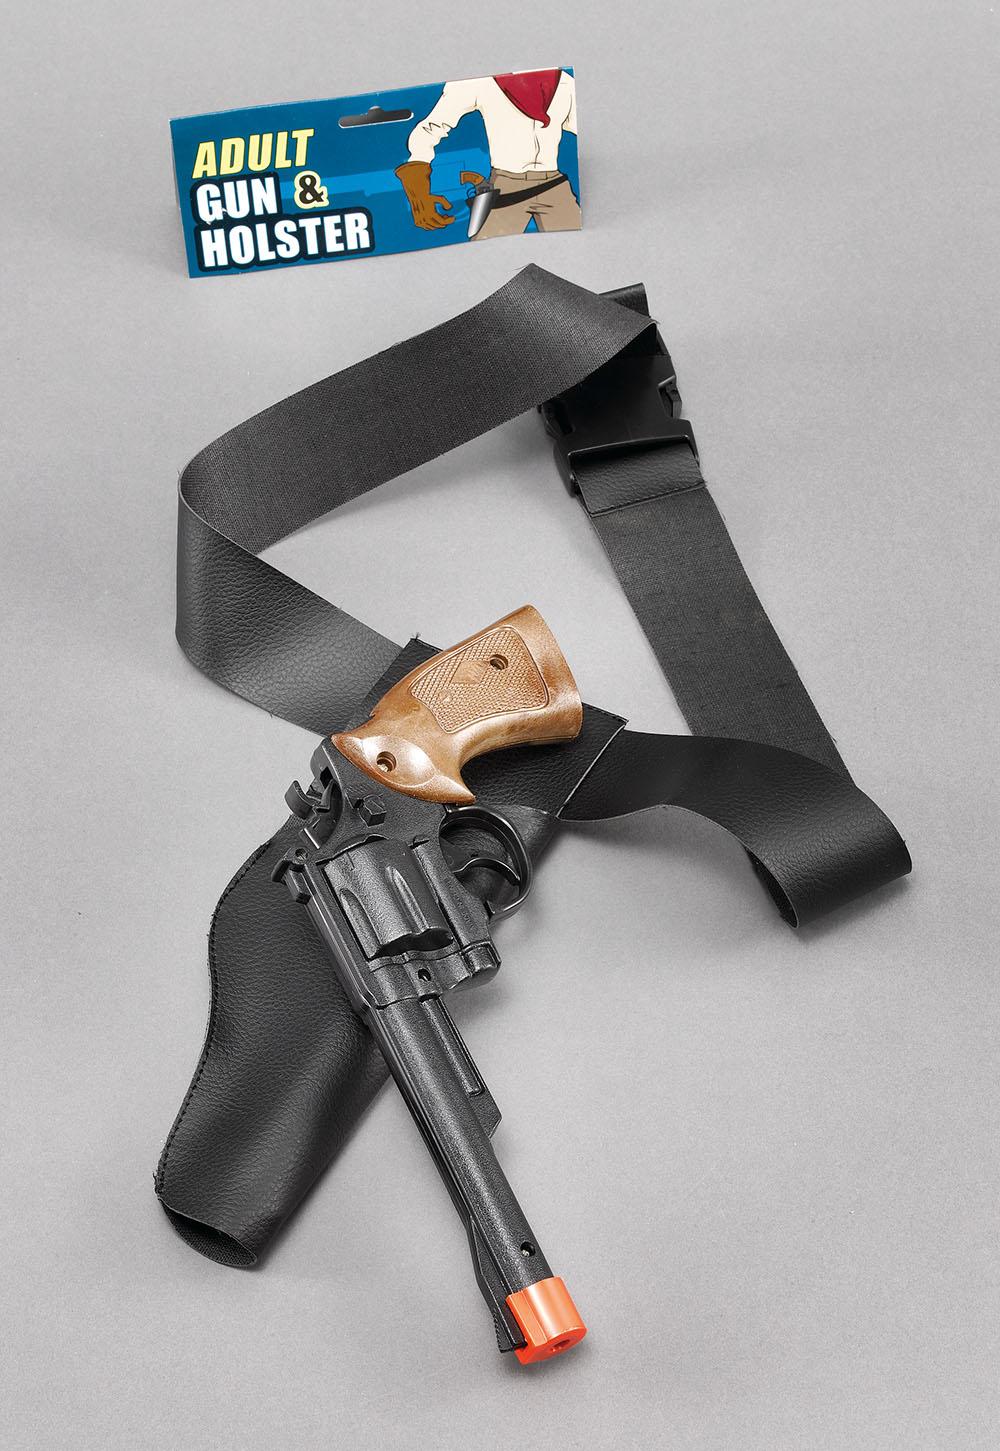 cowboy_gun_and_holster_uk